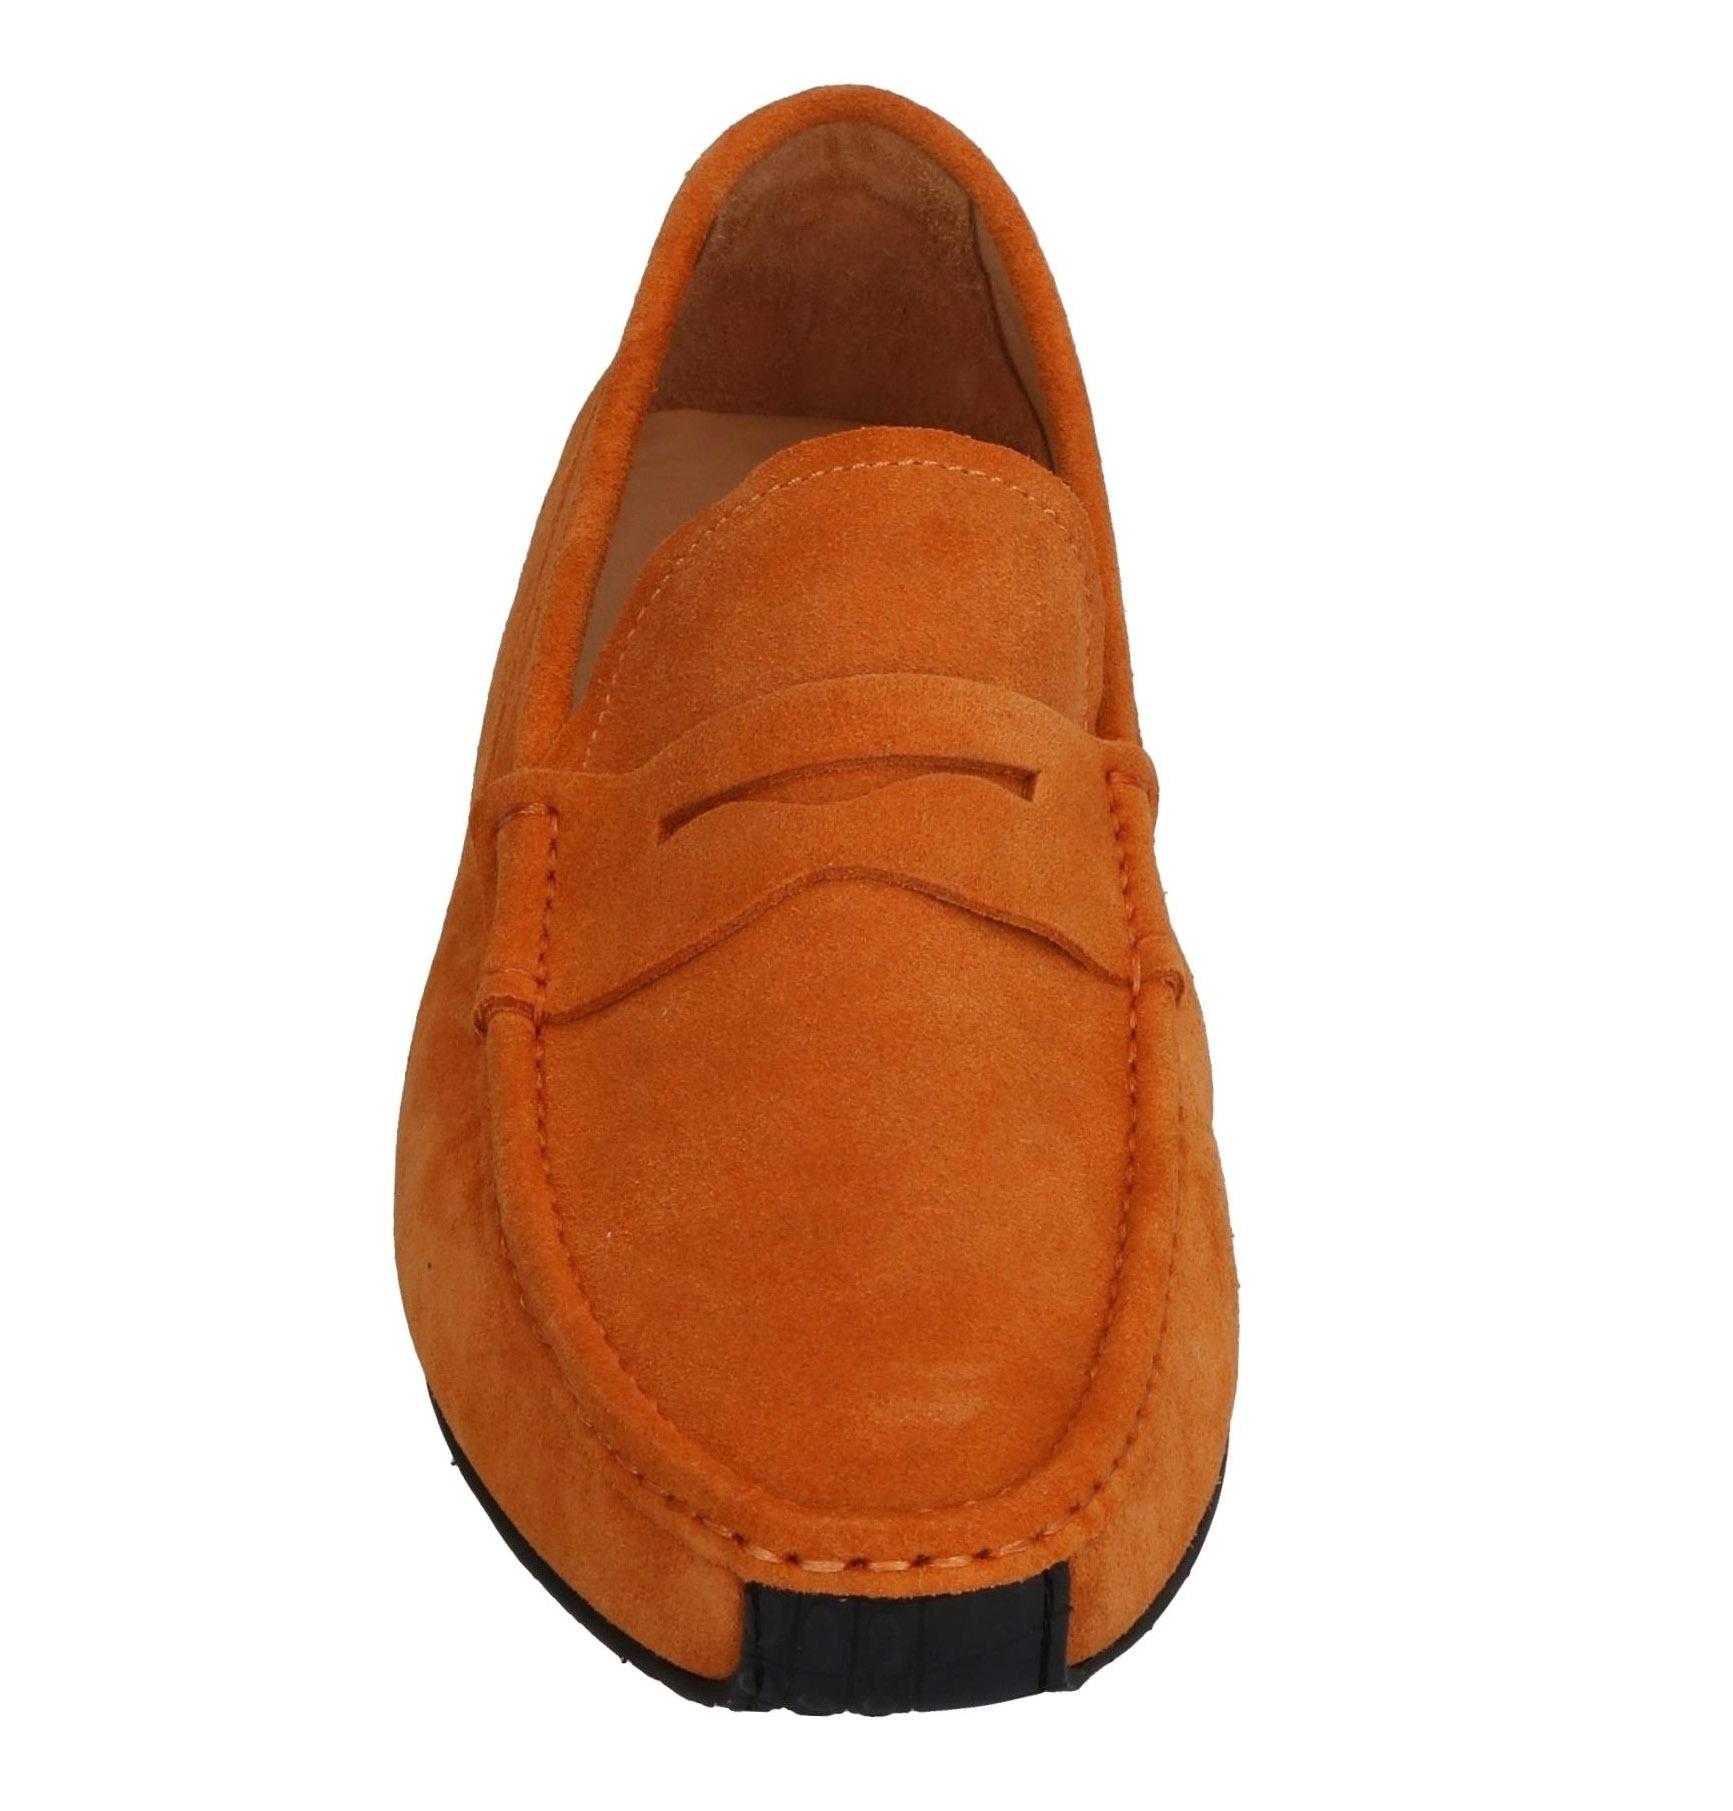 Оранжевые замшевые мокасины на каучуковой подошве Luciano Padovan Made in Italy